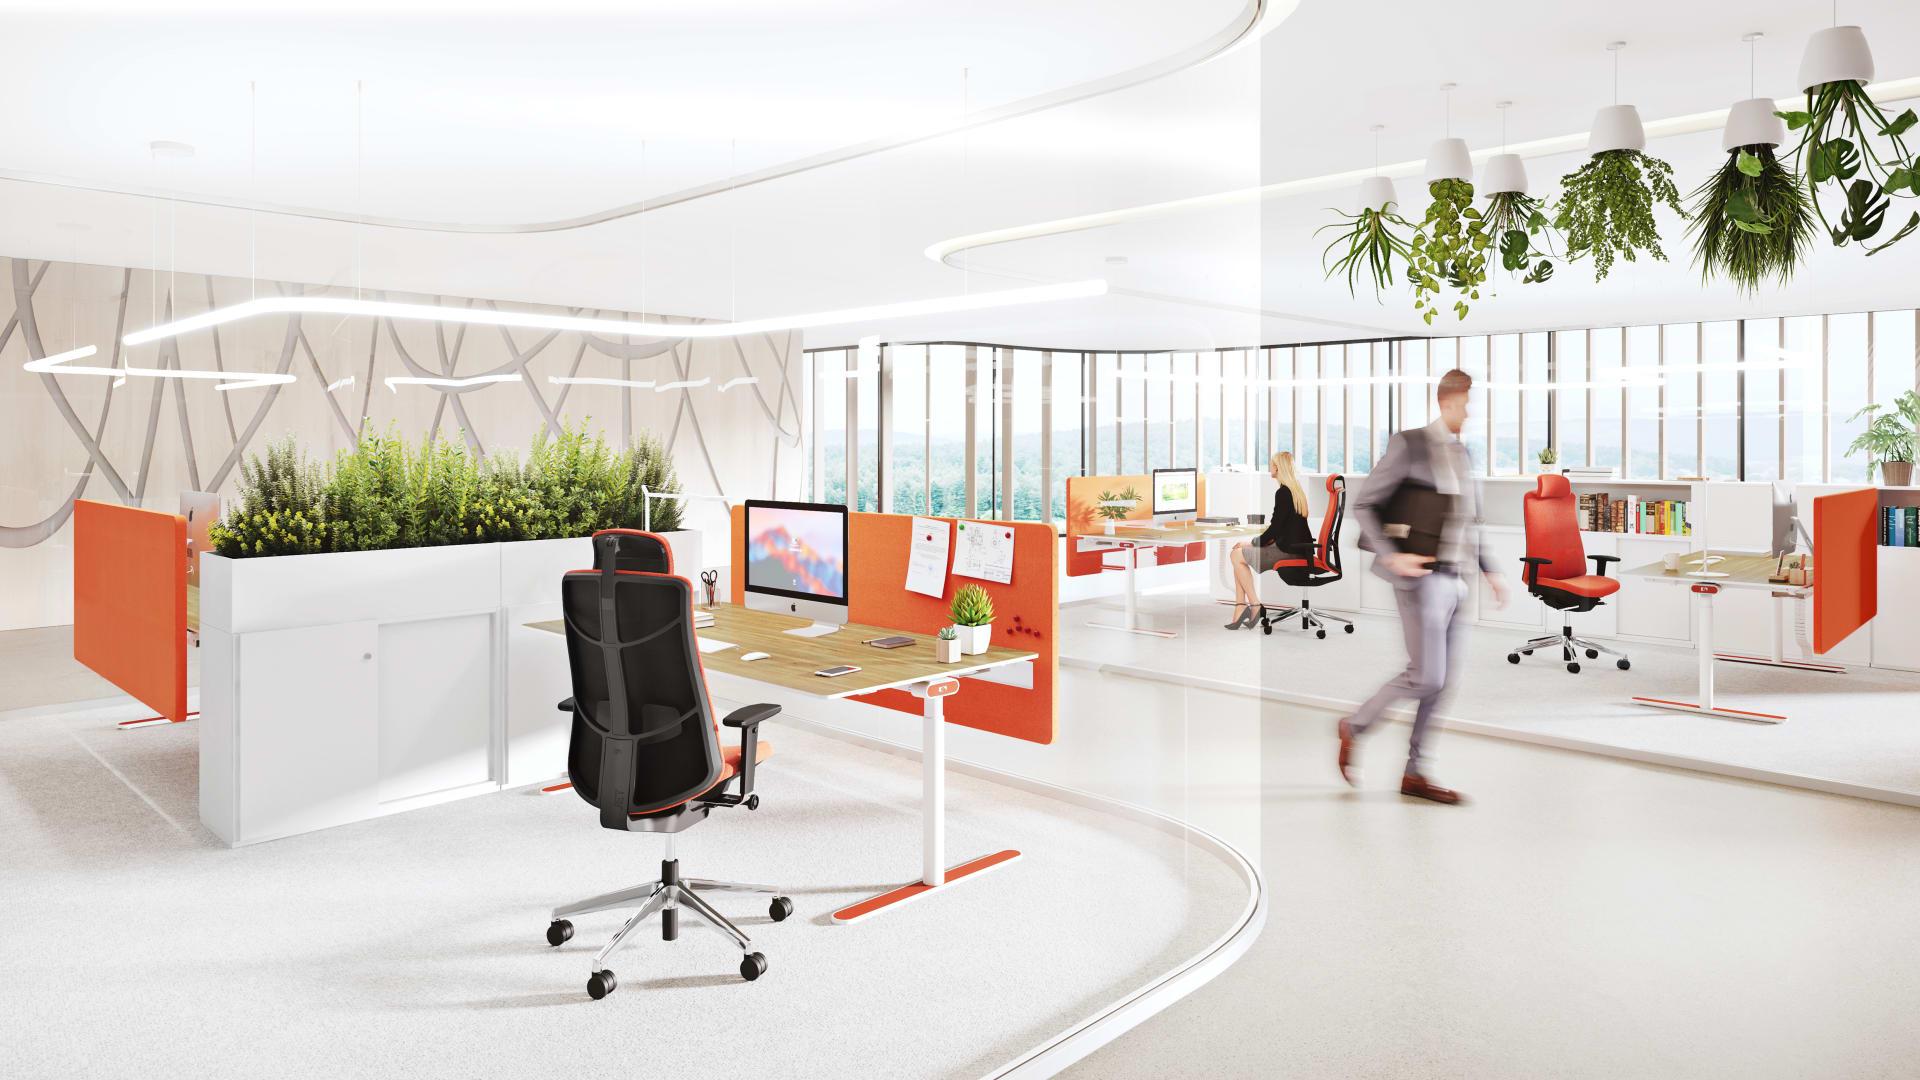 inspiration single workstation solutions k nig neurath. Black Bedroom Furniture Sets. Home Design Ideas